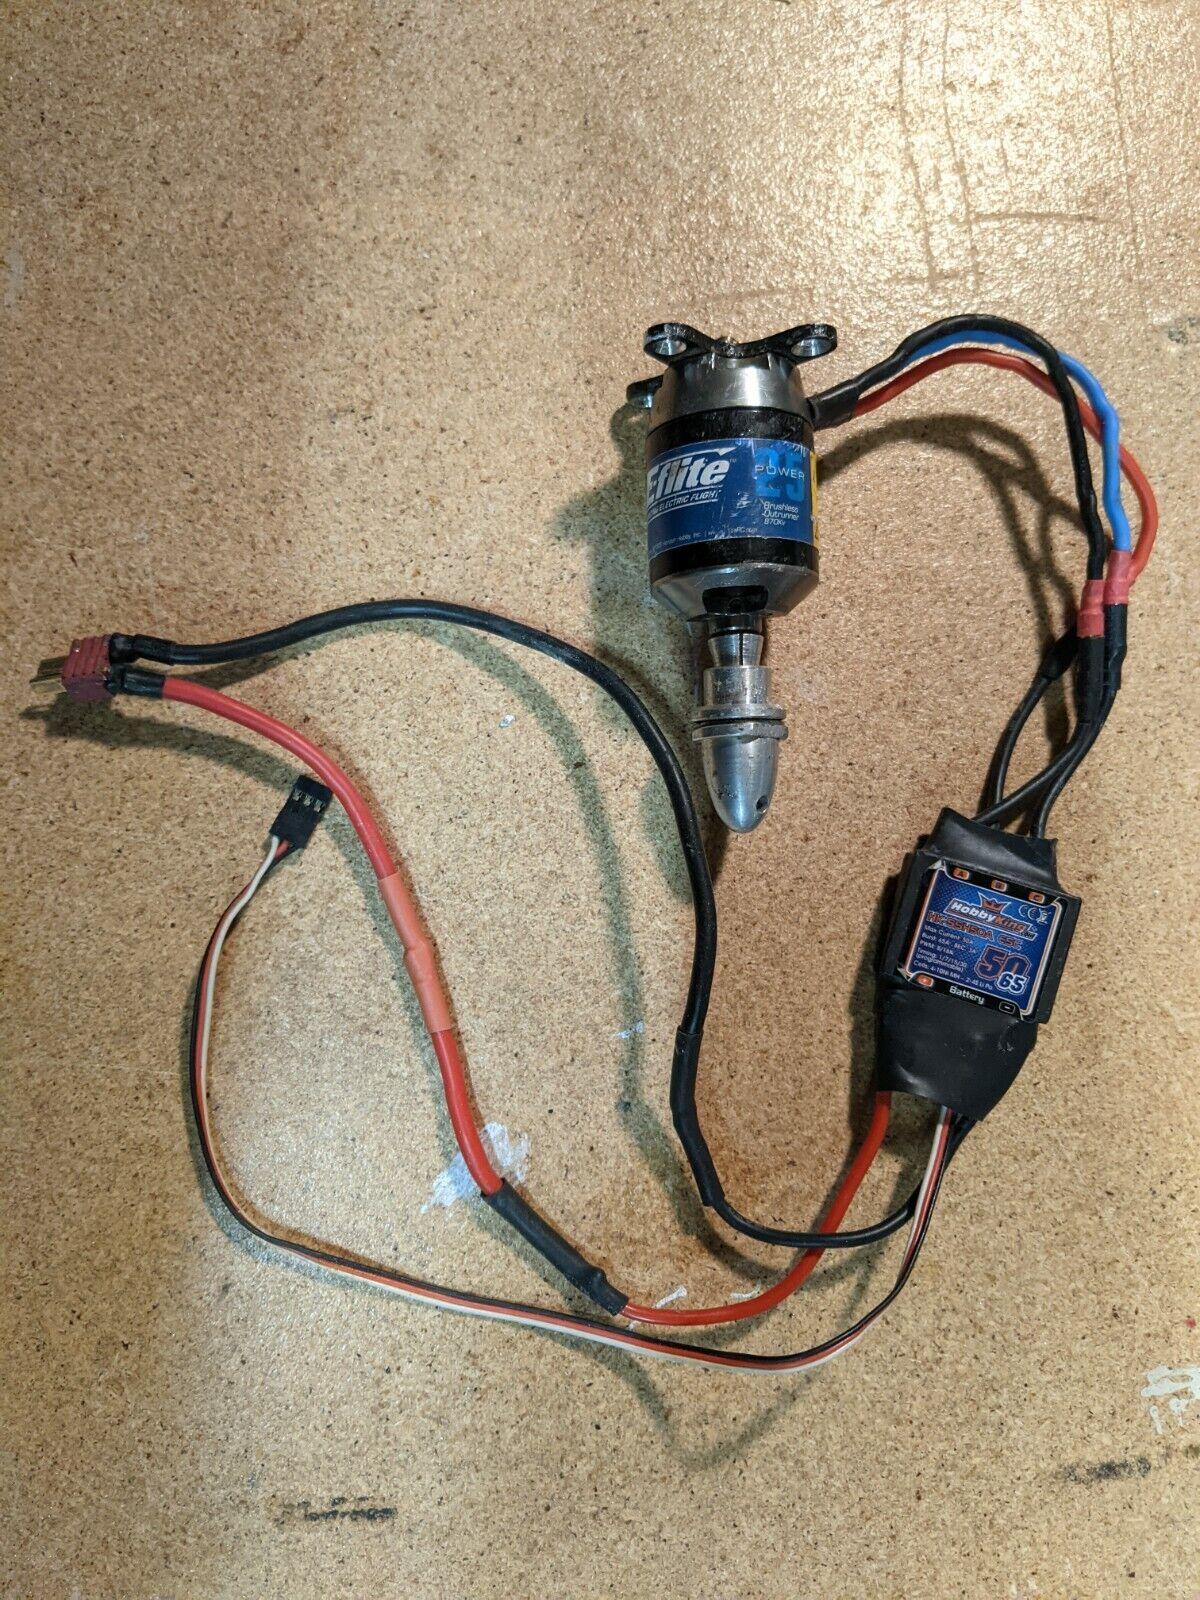 E-flite Power 25 BrushLess Outrunner Motor And Hobby King ESC - $54.09